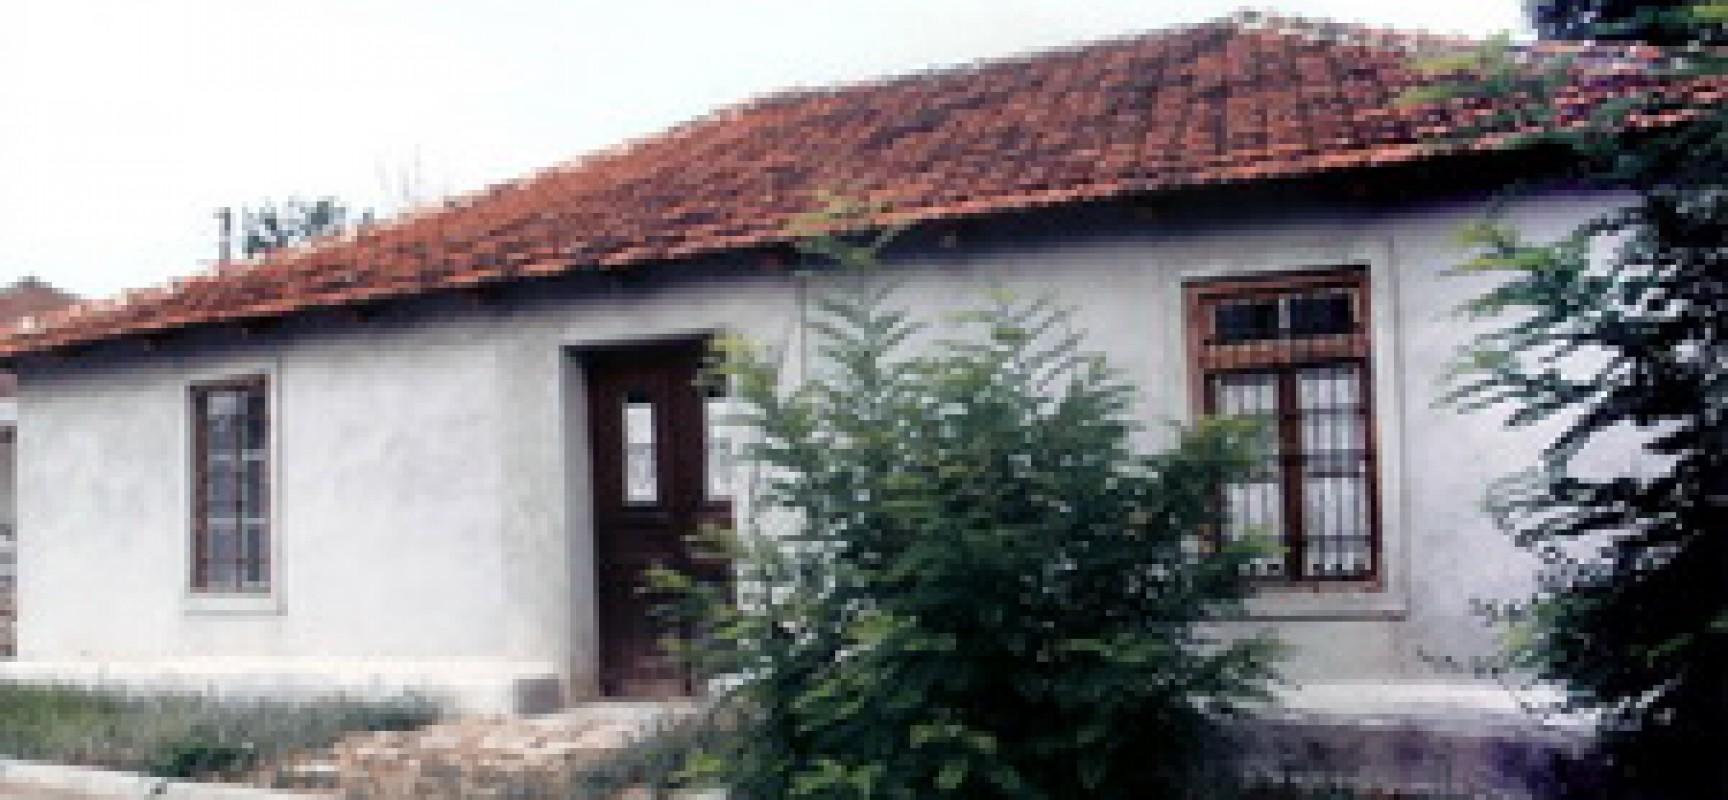 Εκθετήριο «Παλιό Παραδοσιακό Νοικοκυριό»